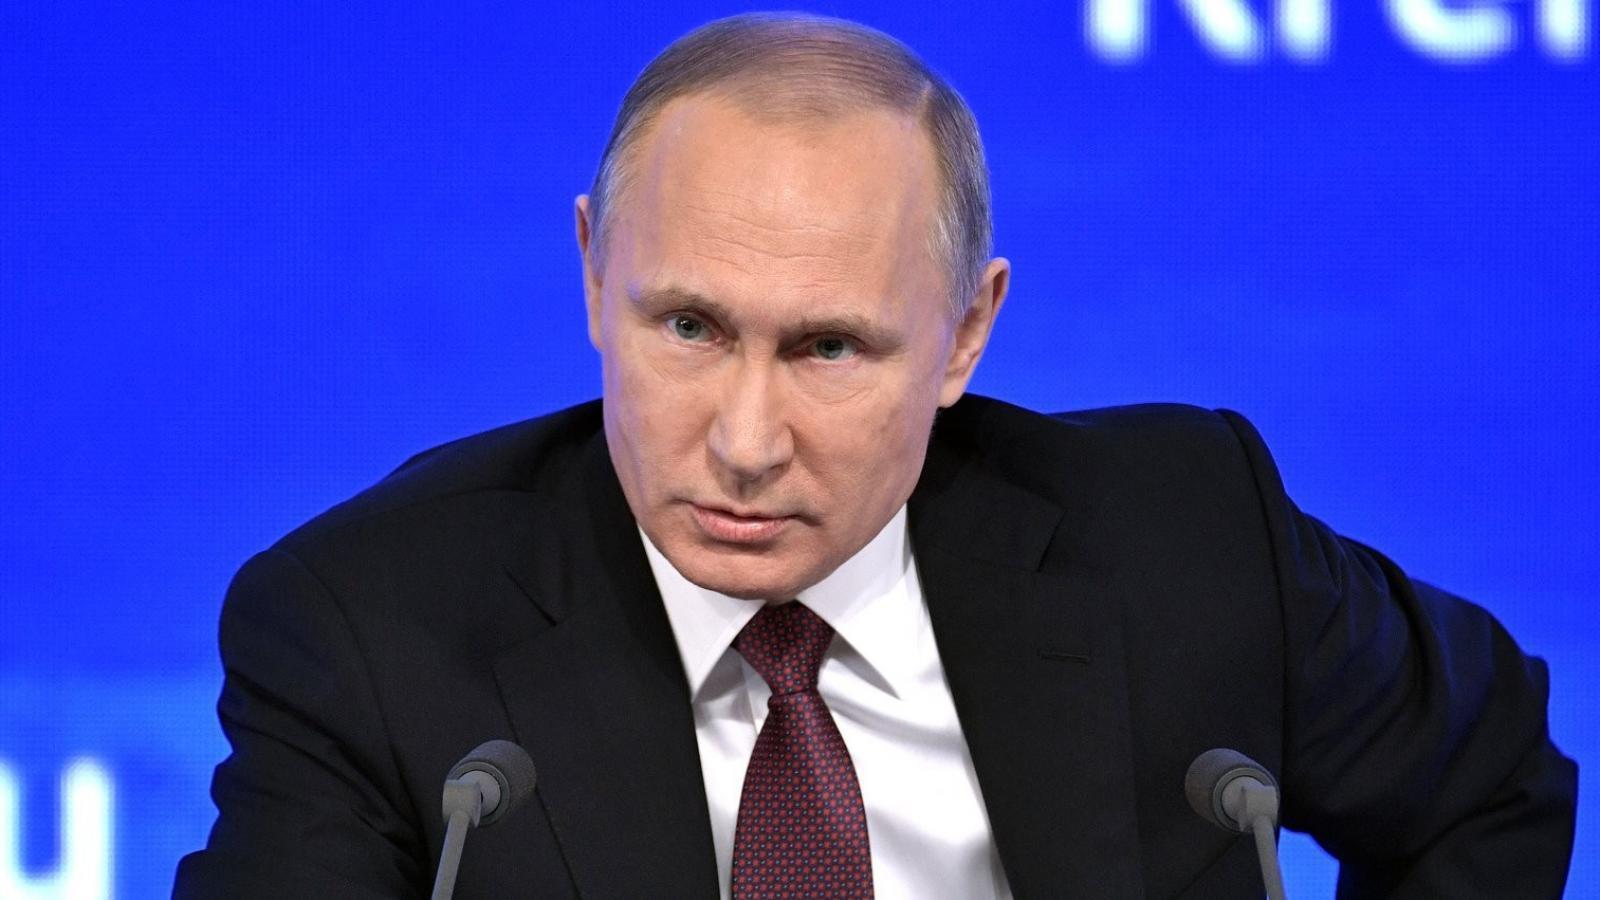 Владимир Путин: для благополучия нужен «решительный прорыв»